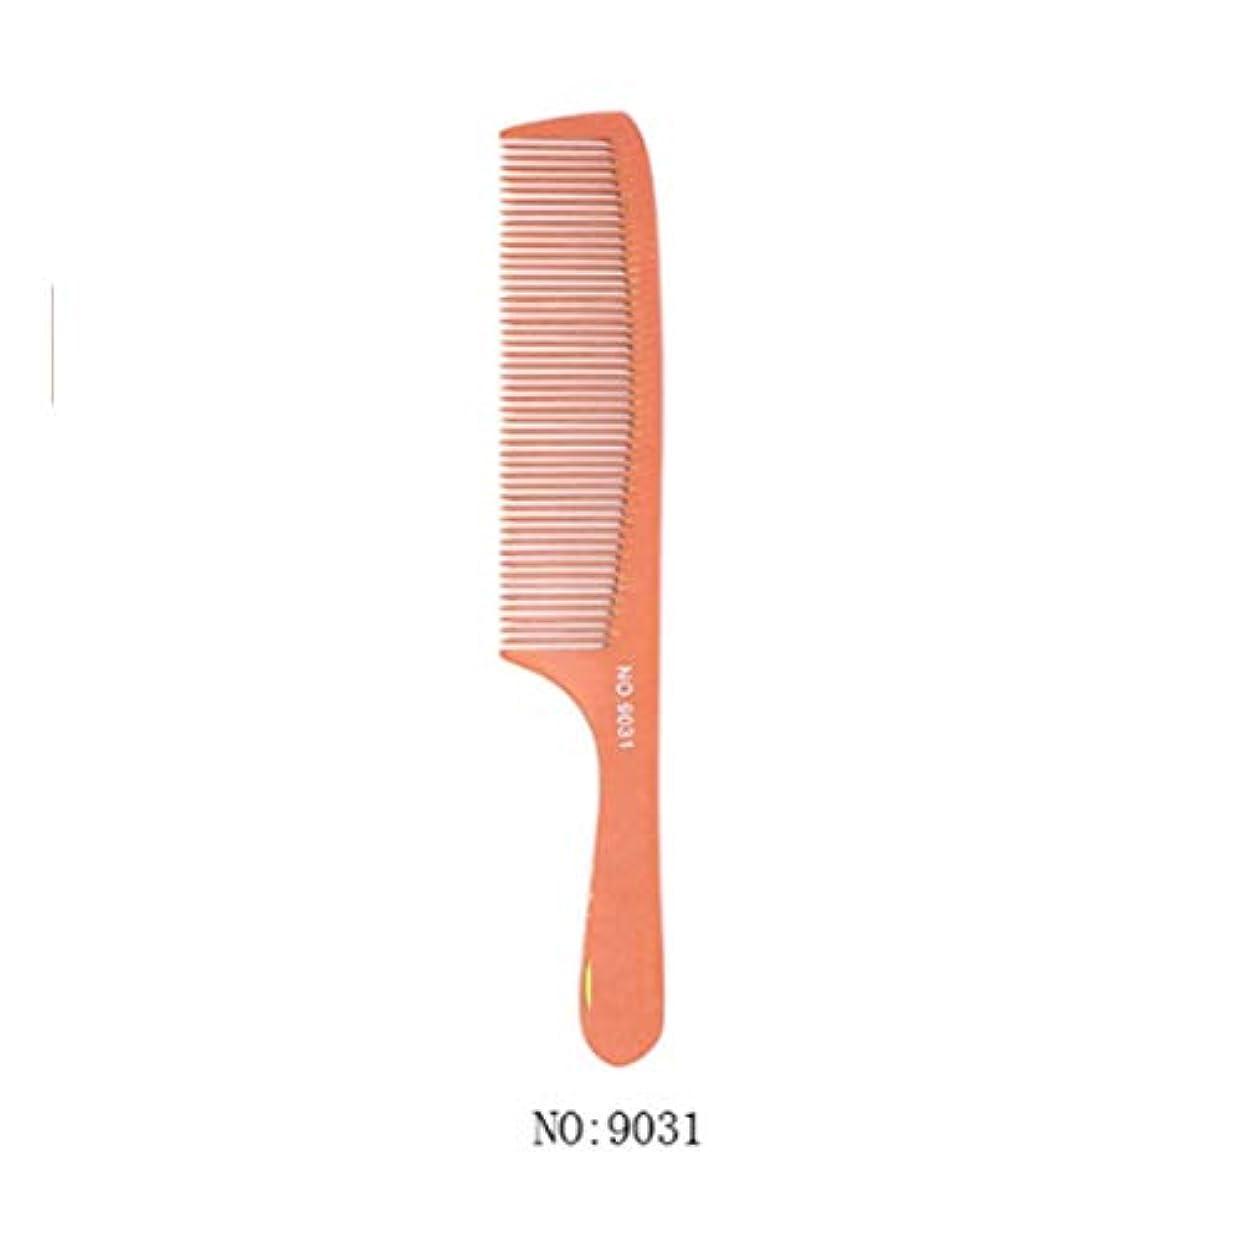 ひげそりの家族 - アンチスタティック&ノースラグ手作りブラシ - ひげ、頭髪、口ひげ (Design : 9031)